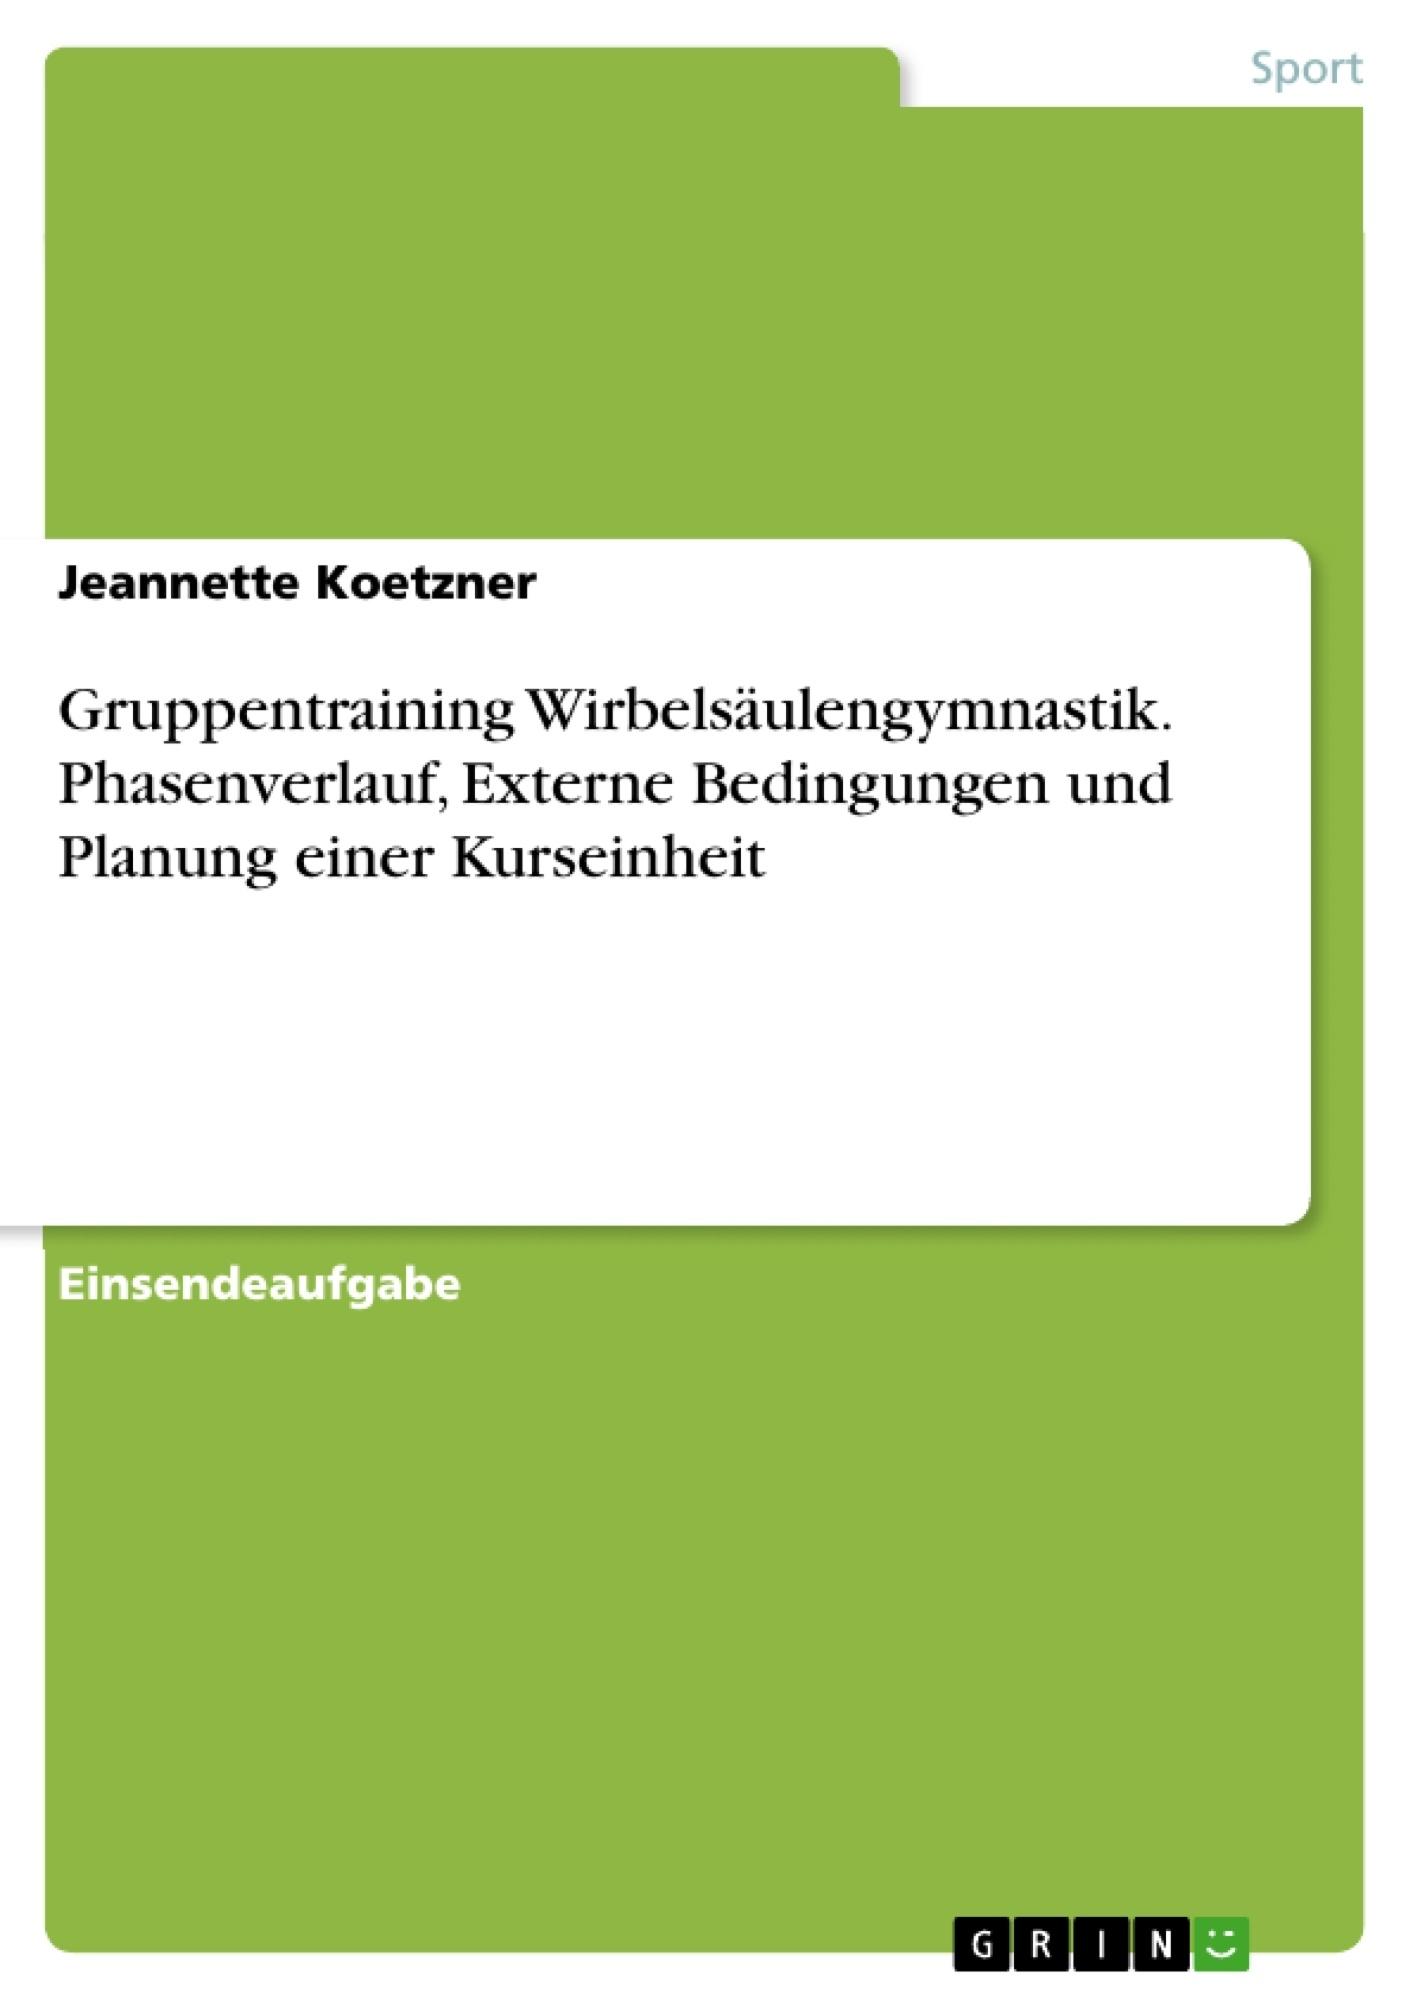 Titel: Gruppentraining Wirbelsäulengymnastik. Phasenverlauf, Externe Bedingungen und Planung einer Kurseinheit